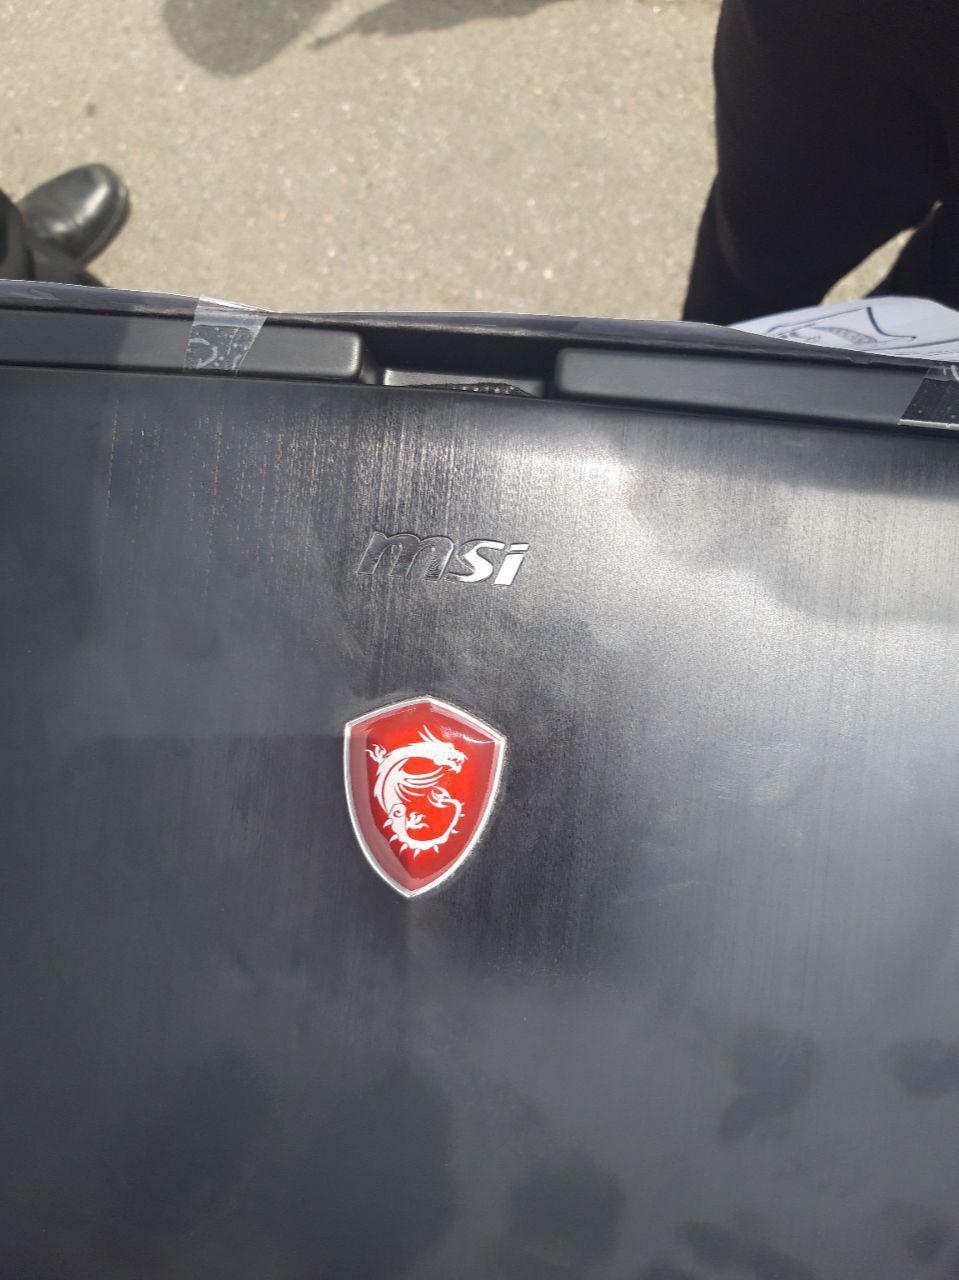 //// خبر پنج شنبه منتشر شود/// آگهی کننده لپ تاپ سرقتی در دیوار به دام افتاد